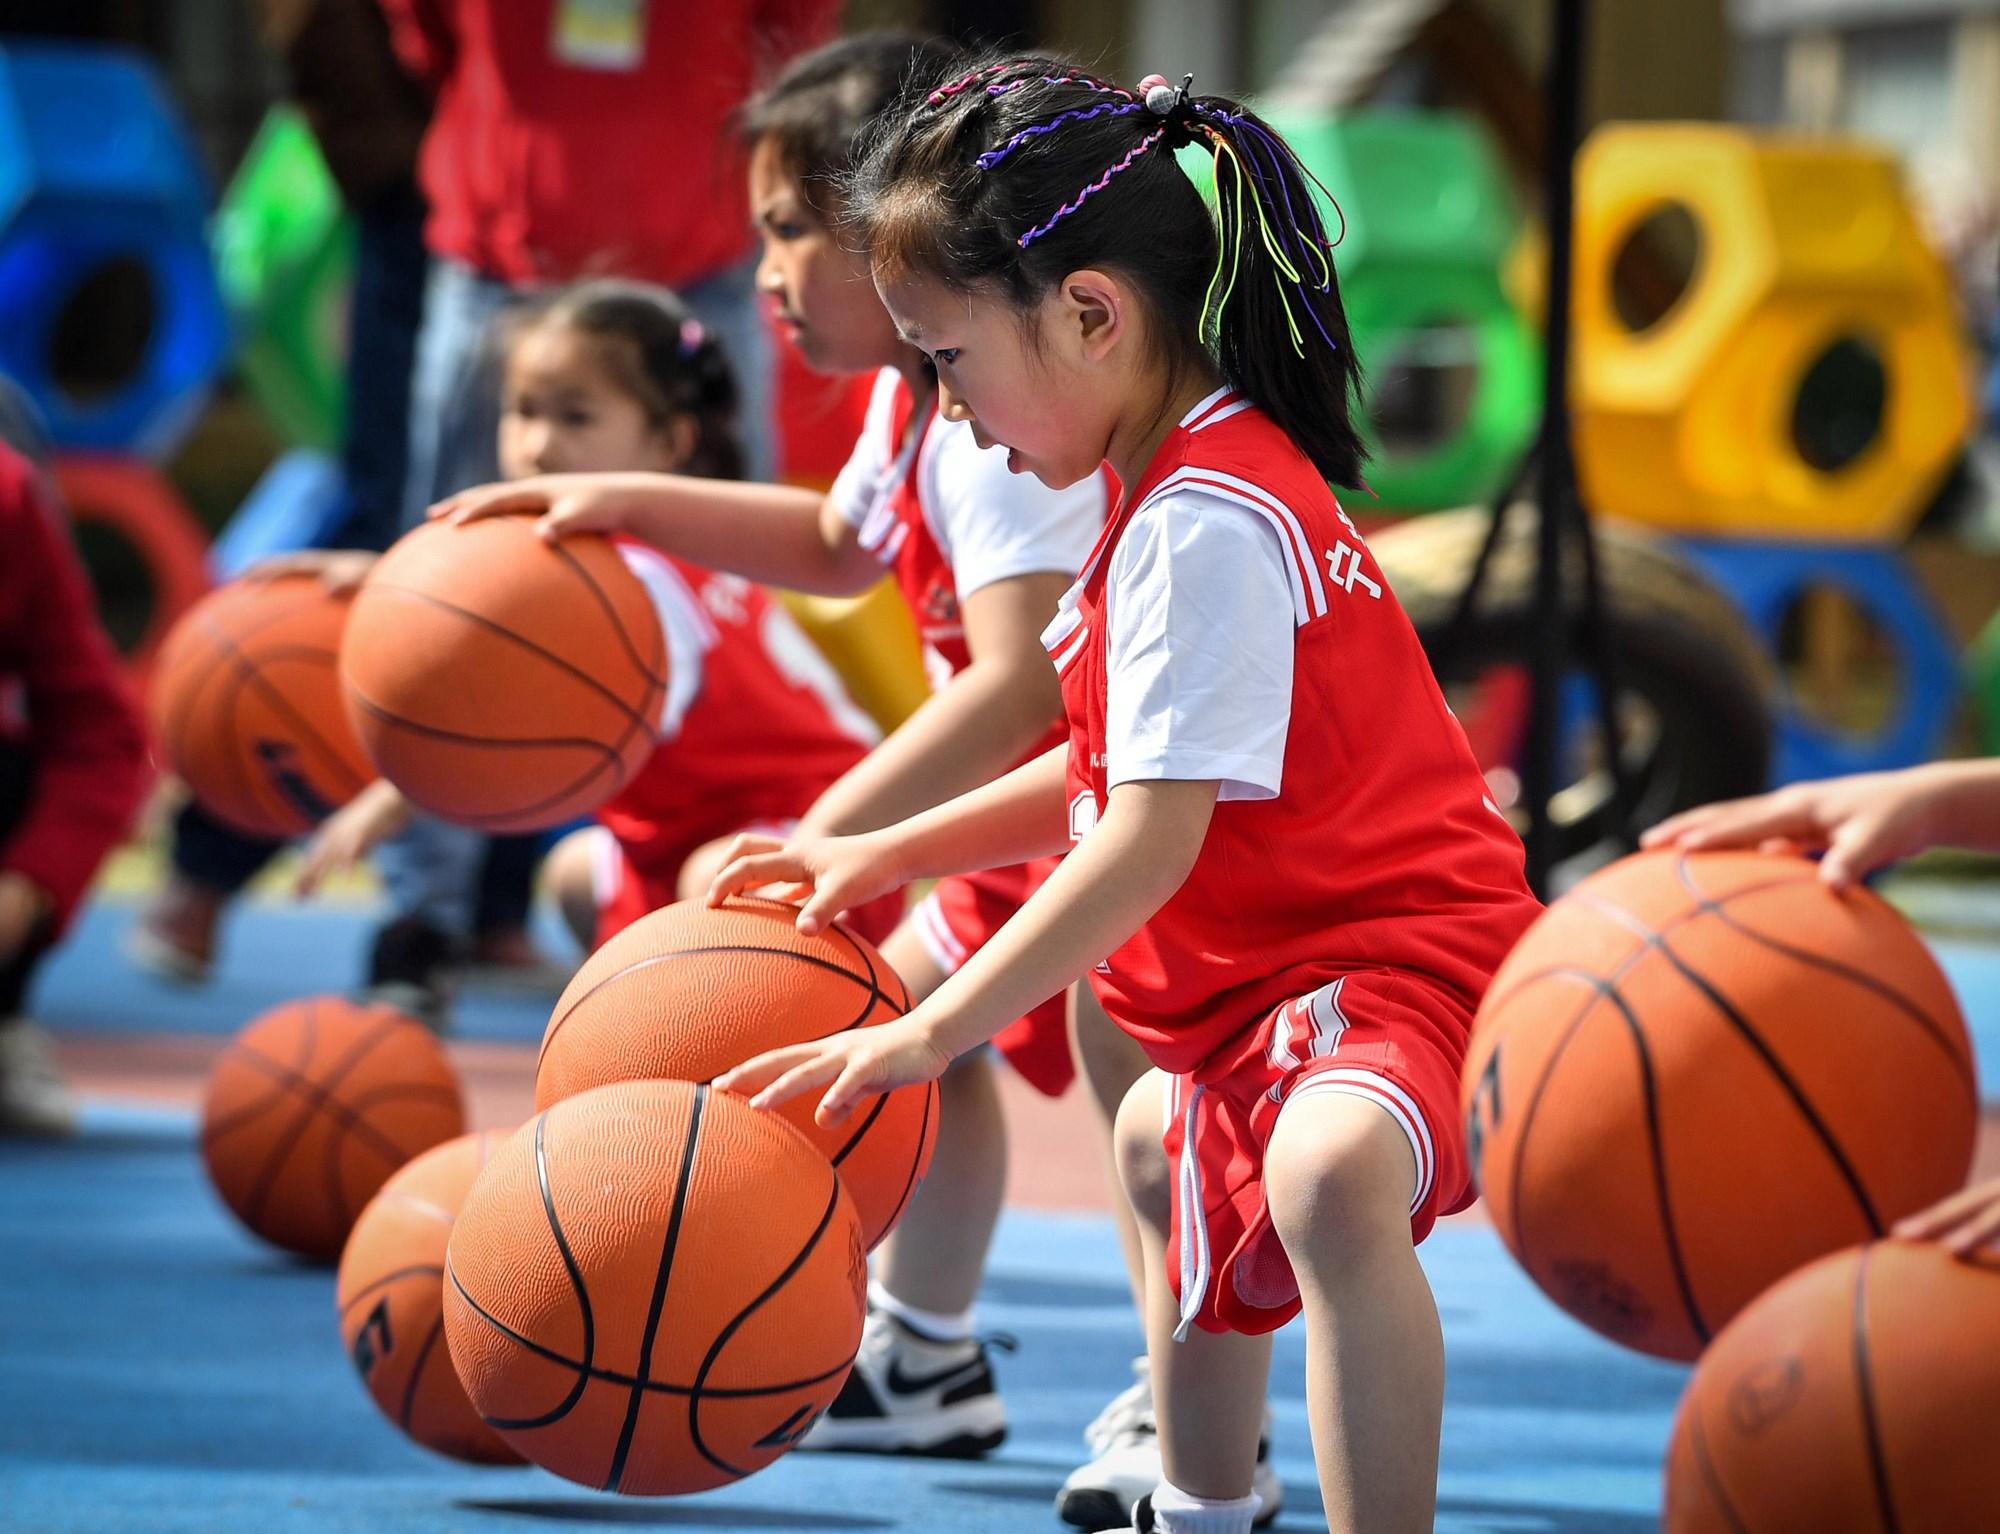 别催着孩子运动了,这三项运动即影响身高,还伤身体,家长要留心